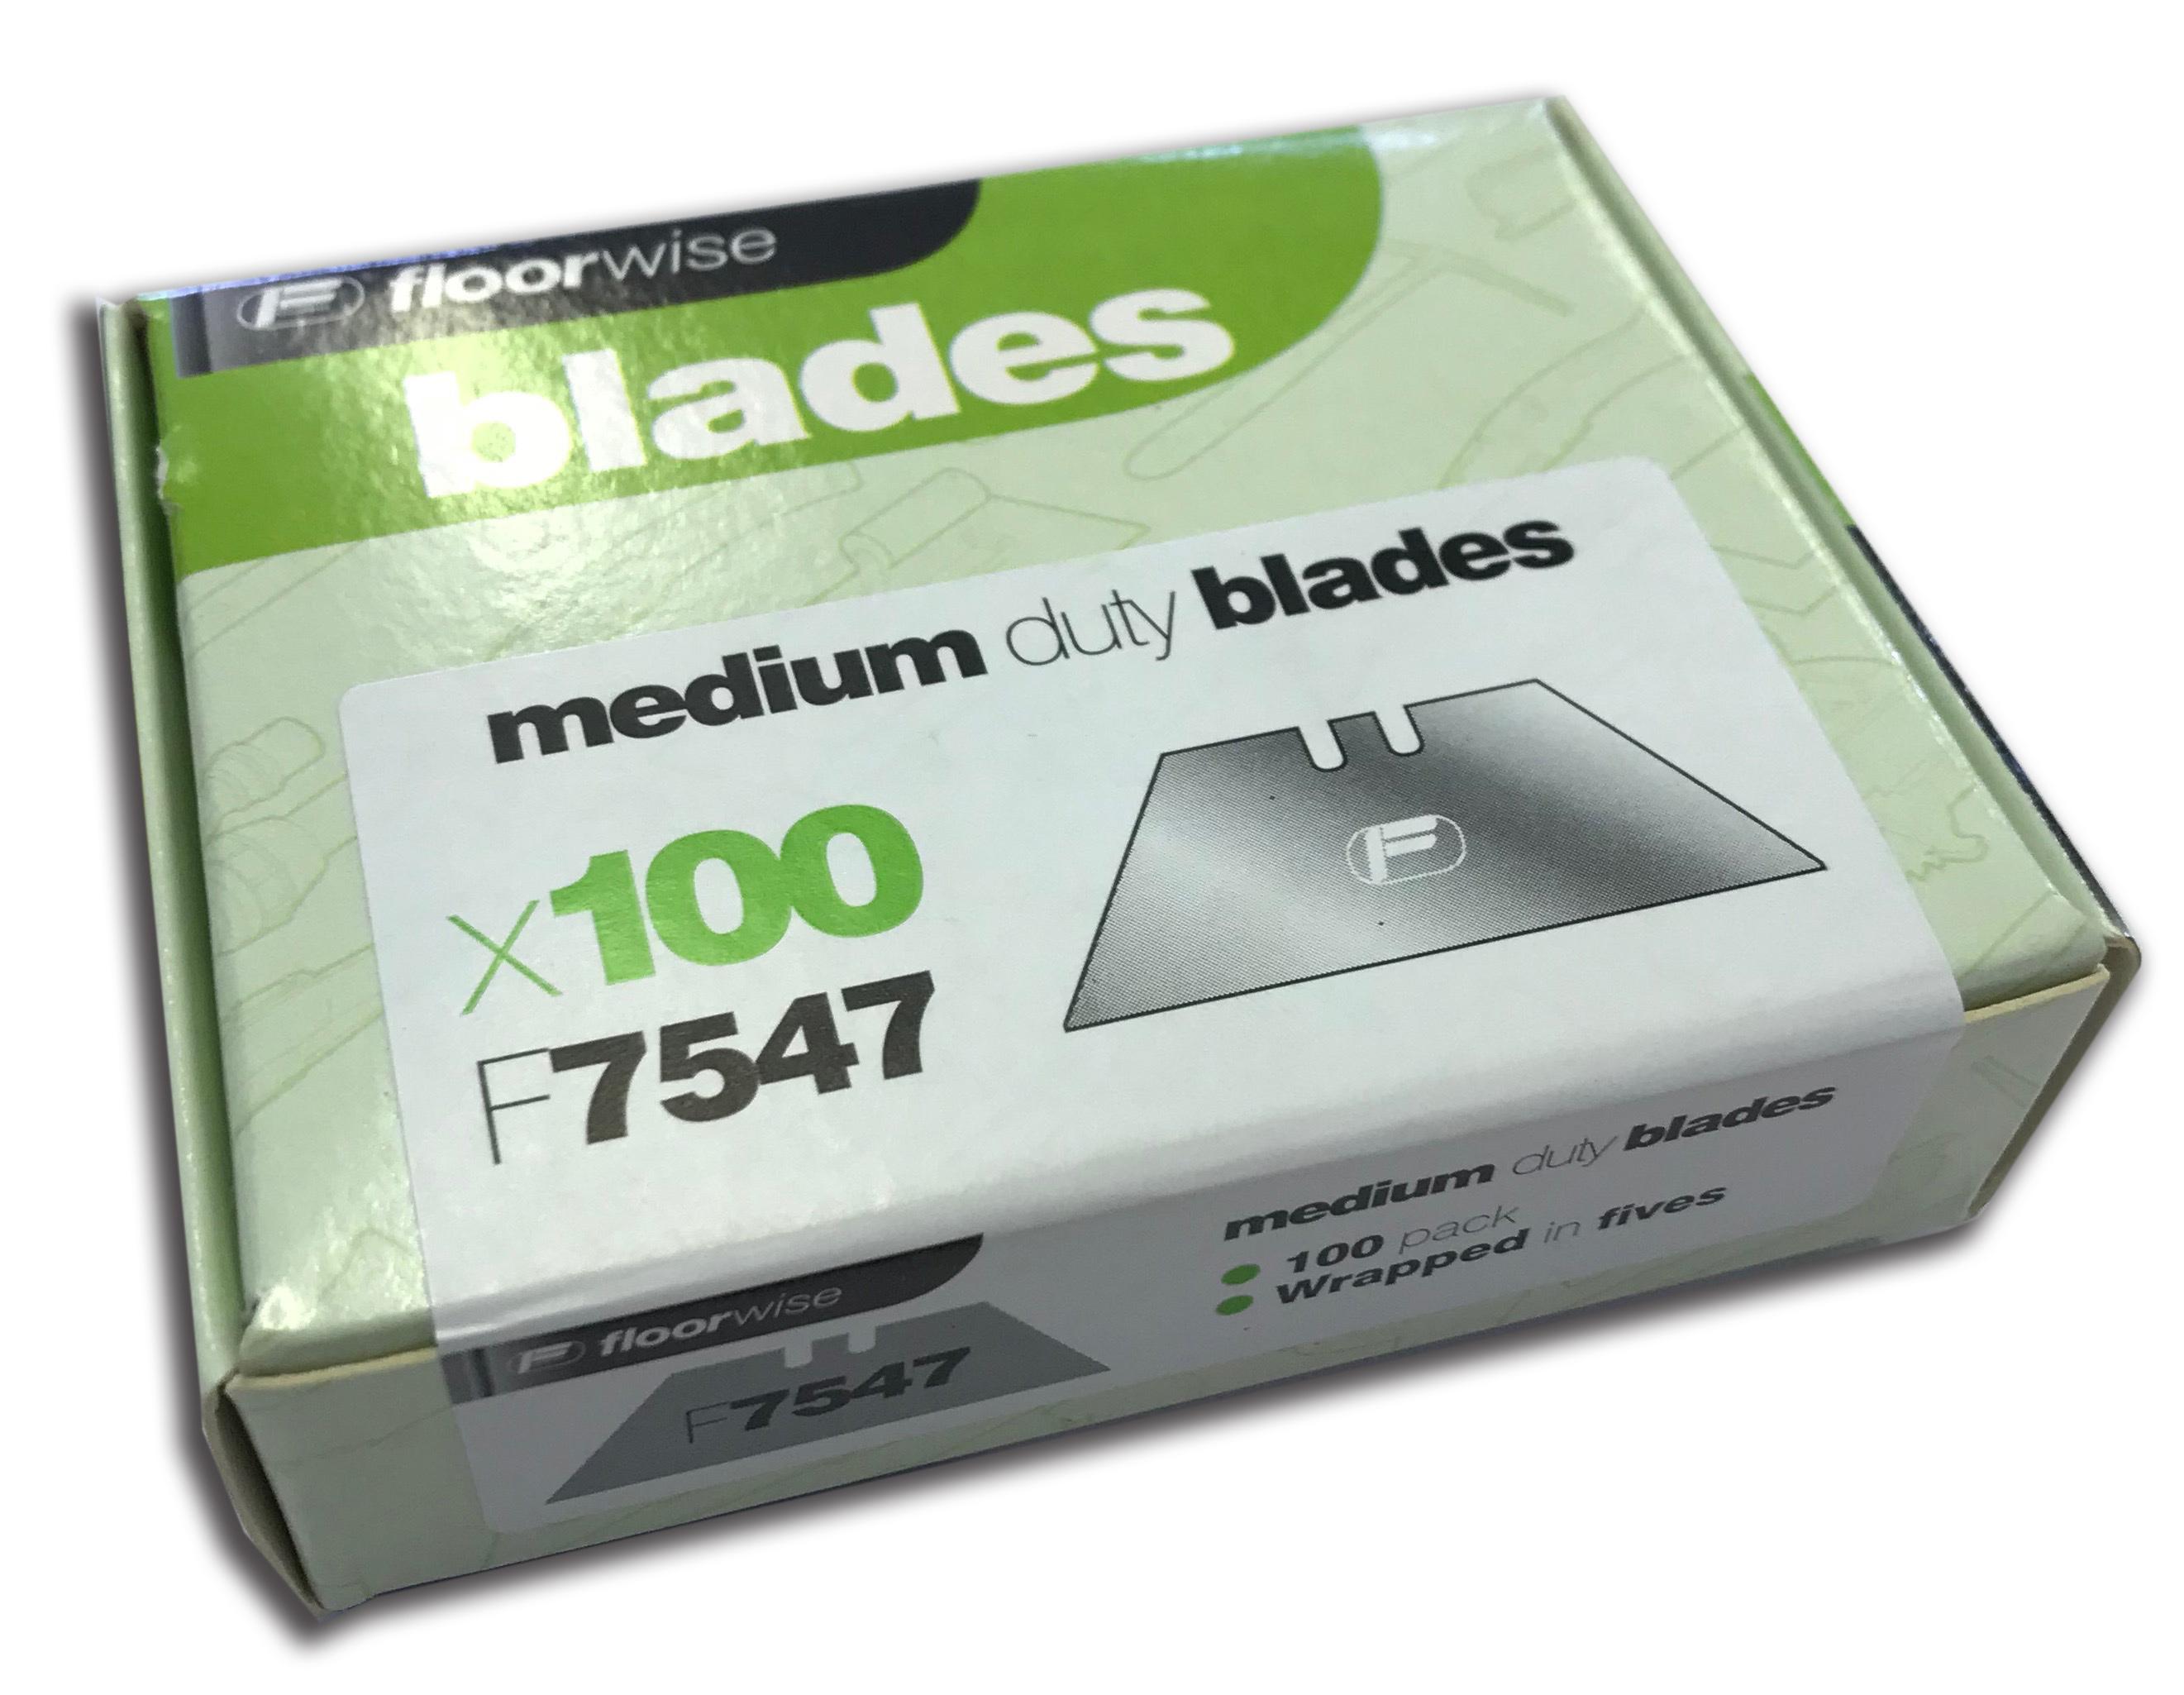 F7547 Medium Duty Blades